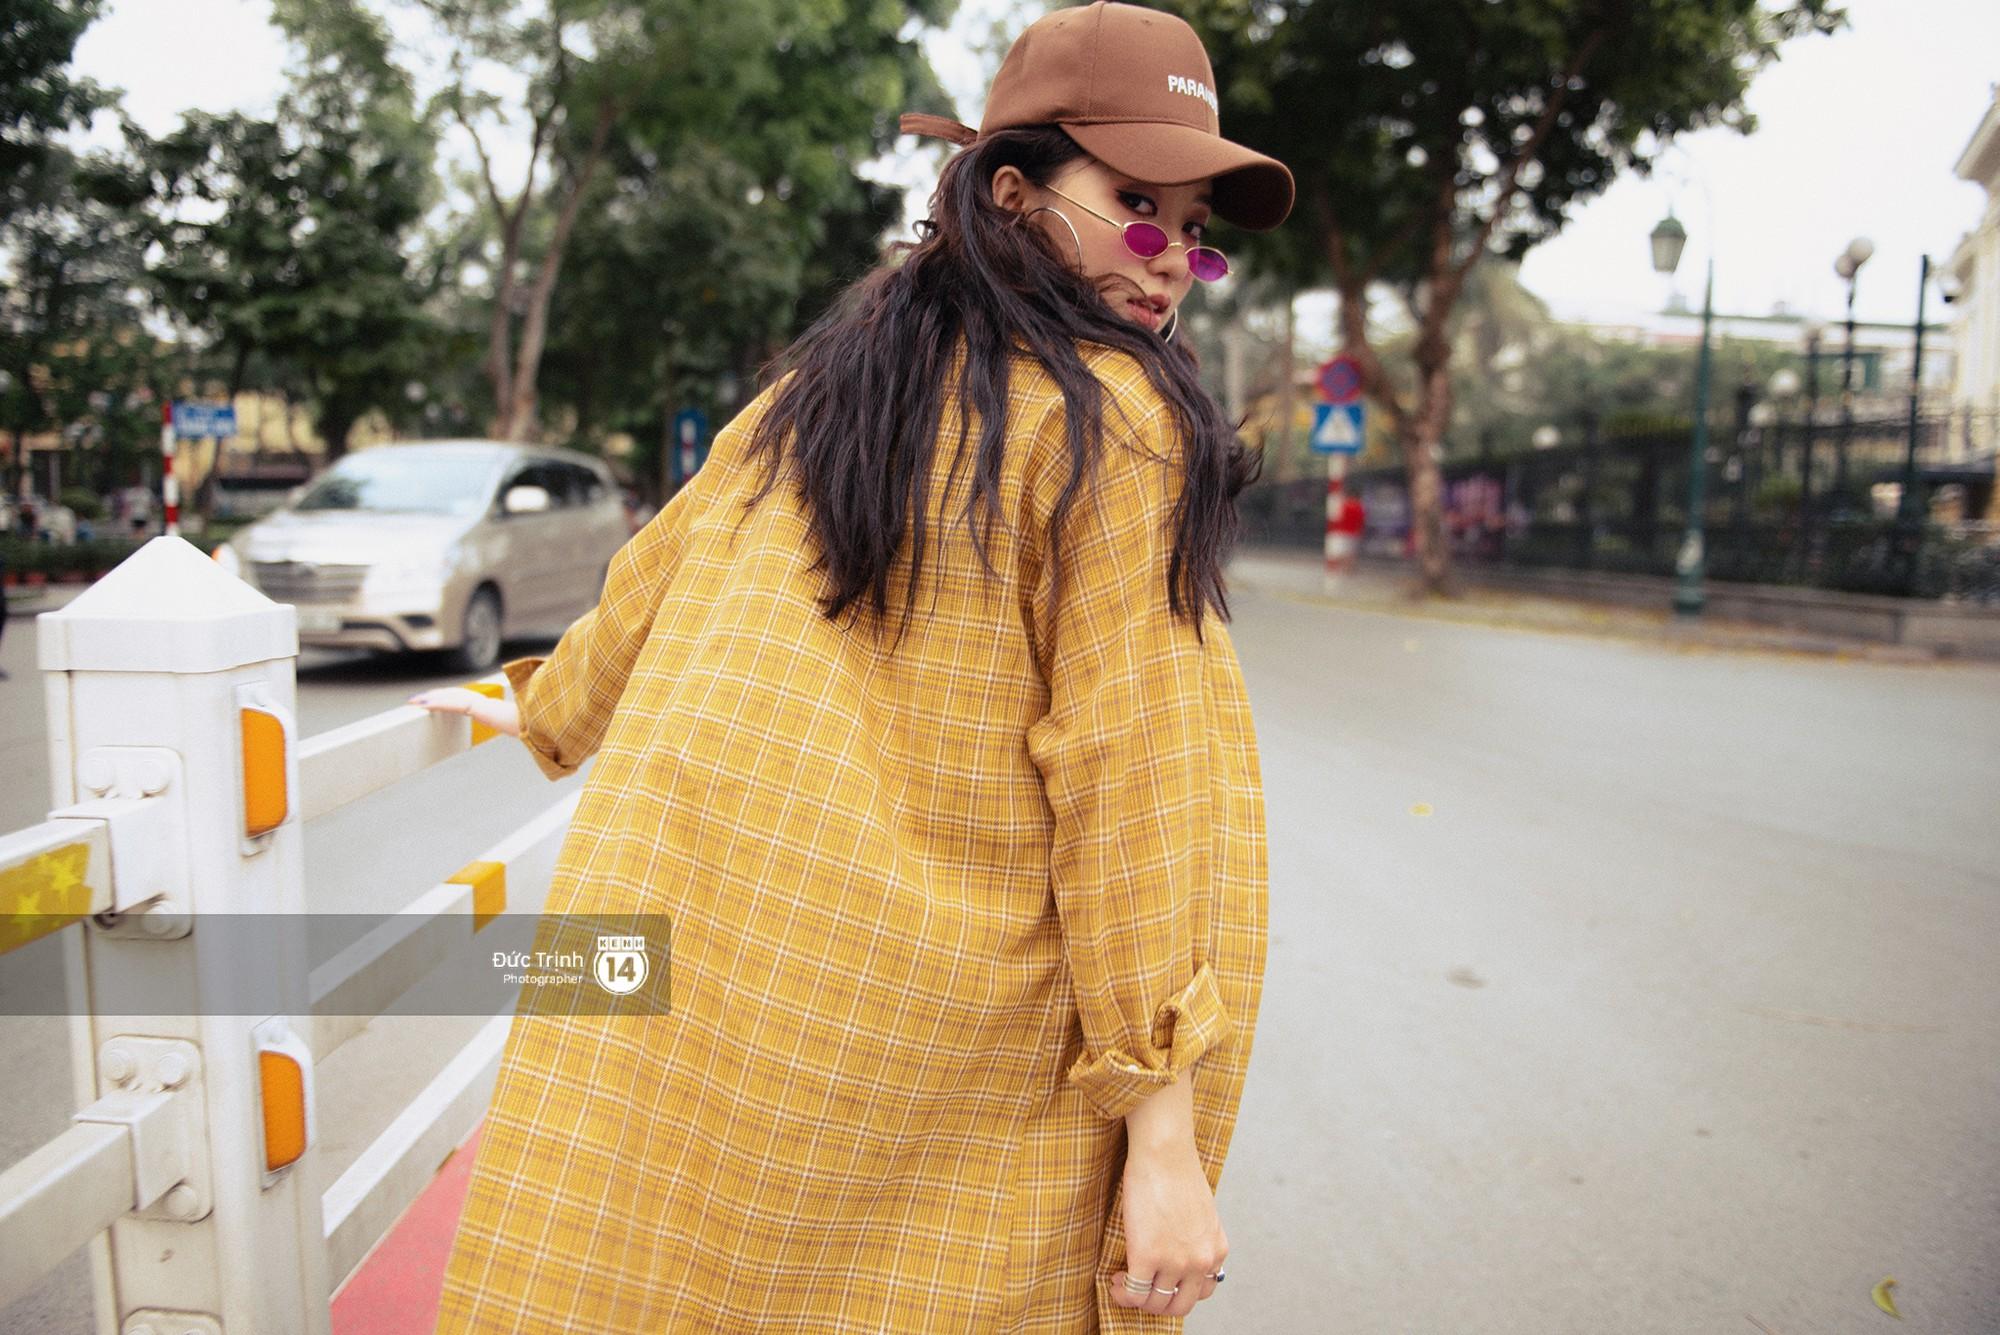 Street style giới trẻ Việt: Hà Nội toàn áo 2 dây và xuyên thấu mát mẻ; Sài Gòn vẫn điệp khúc càng ấm càng chất - Ảnh 2.